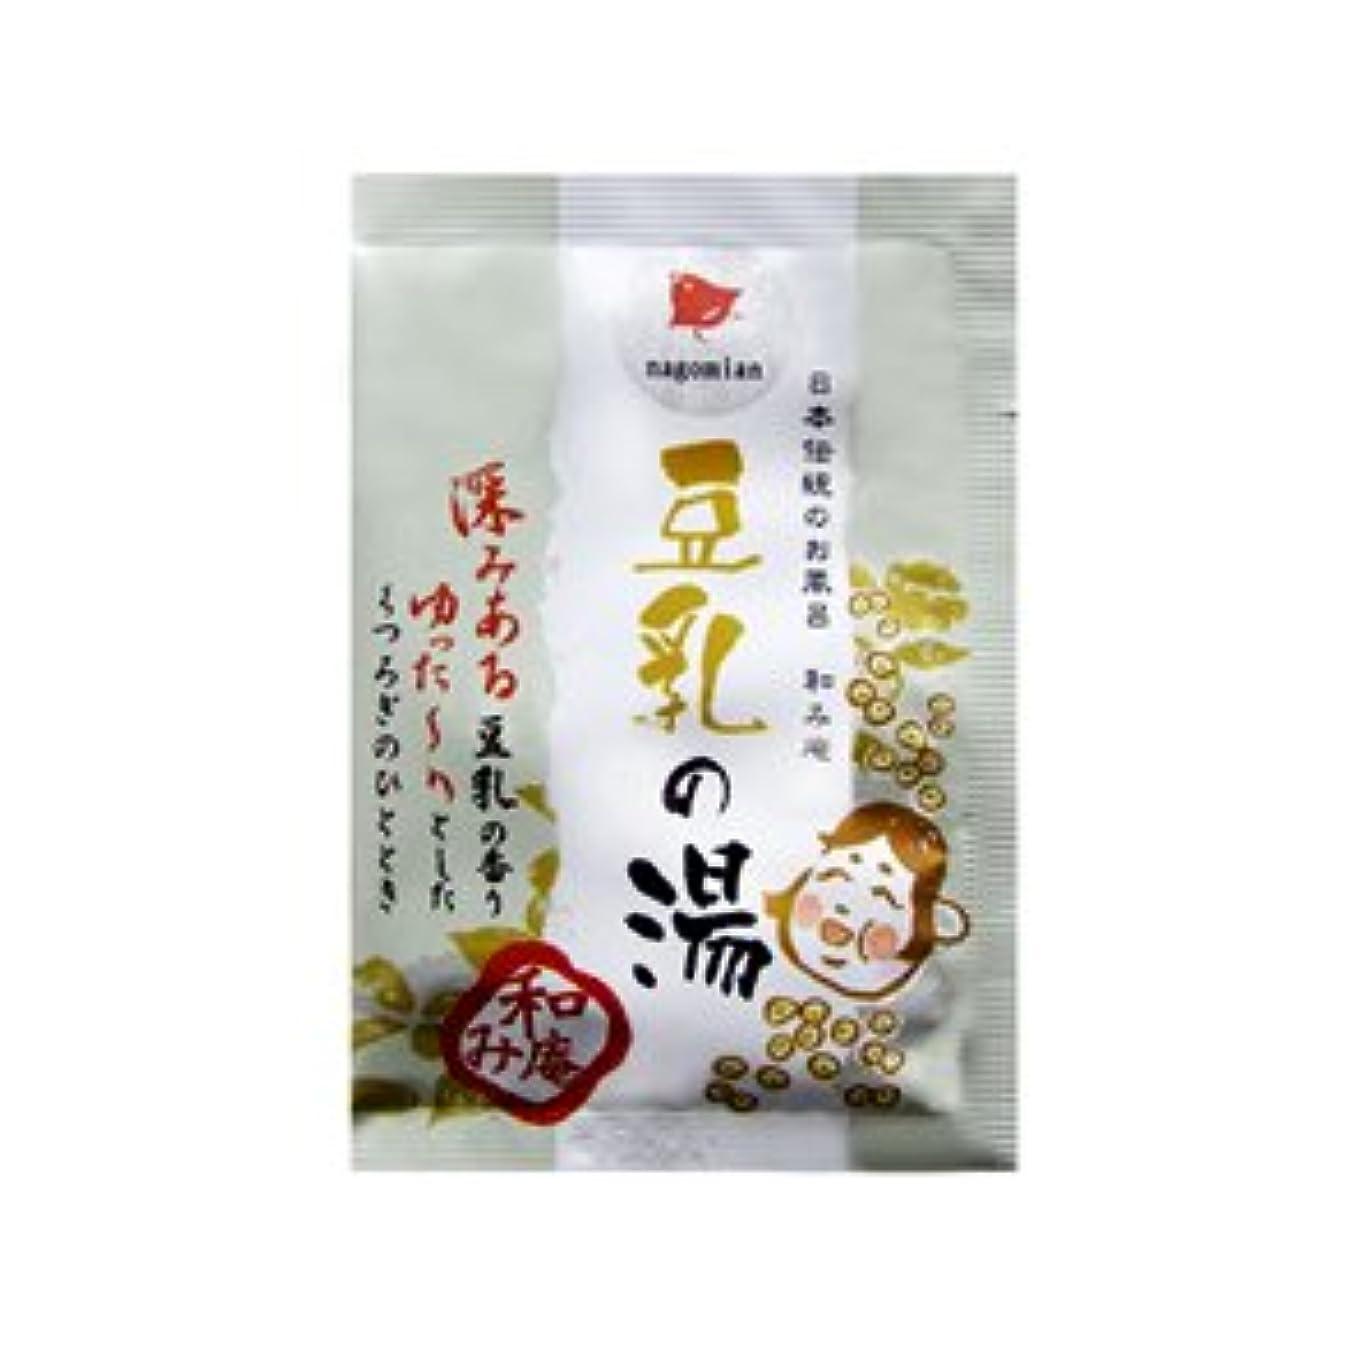 商業の進化住所日本伝統のお風呂 和み庵 豆乳の湯 25g 10個セット